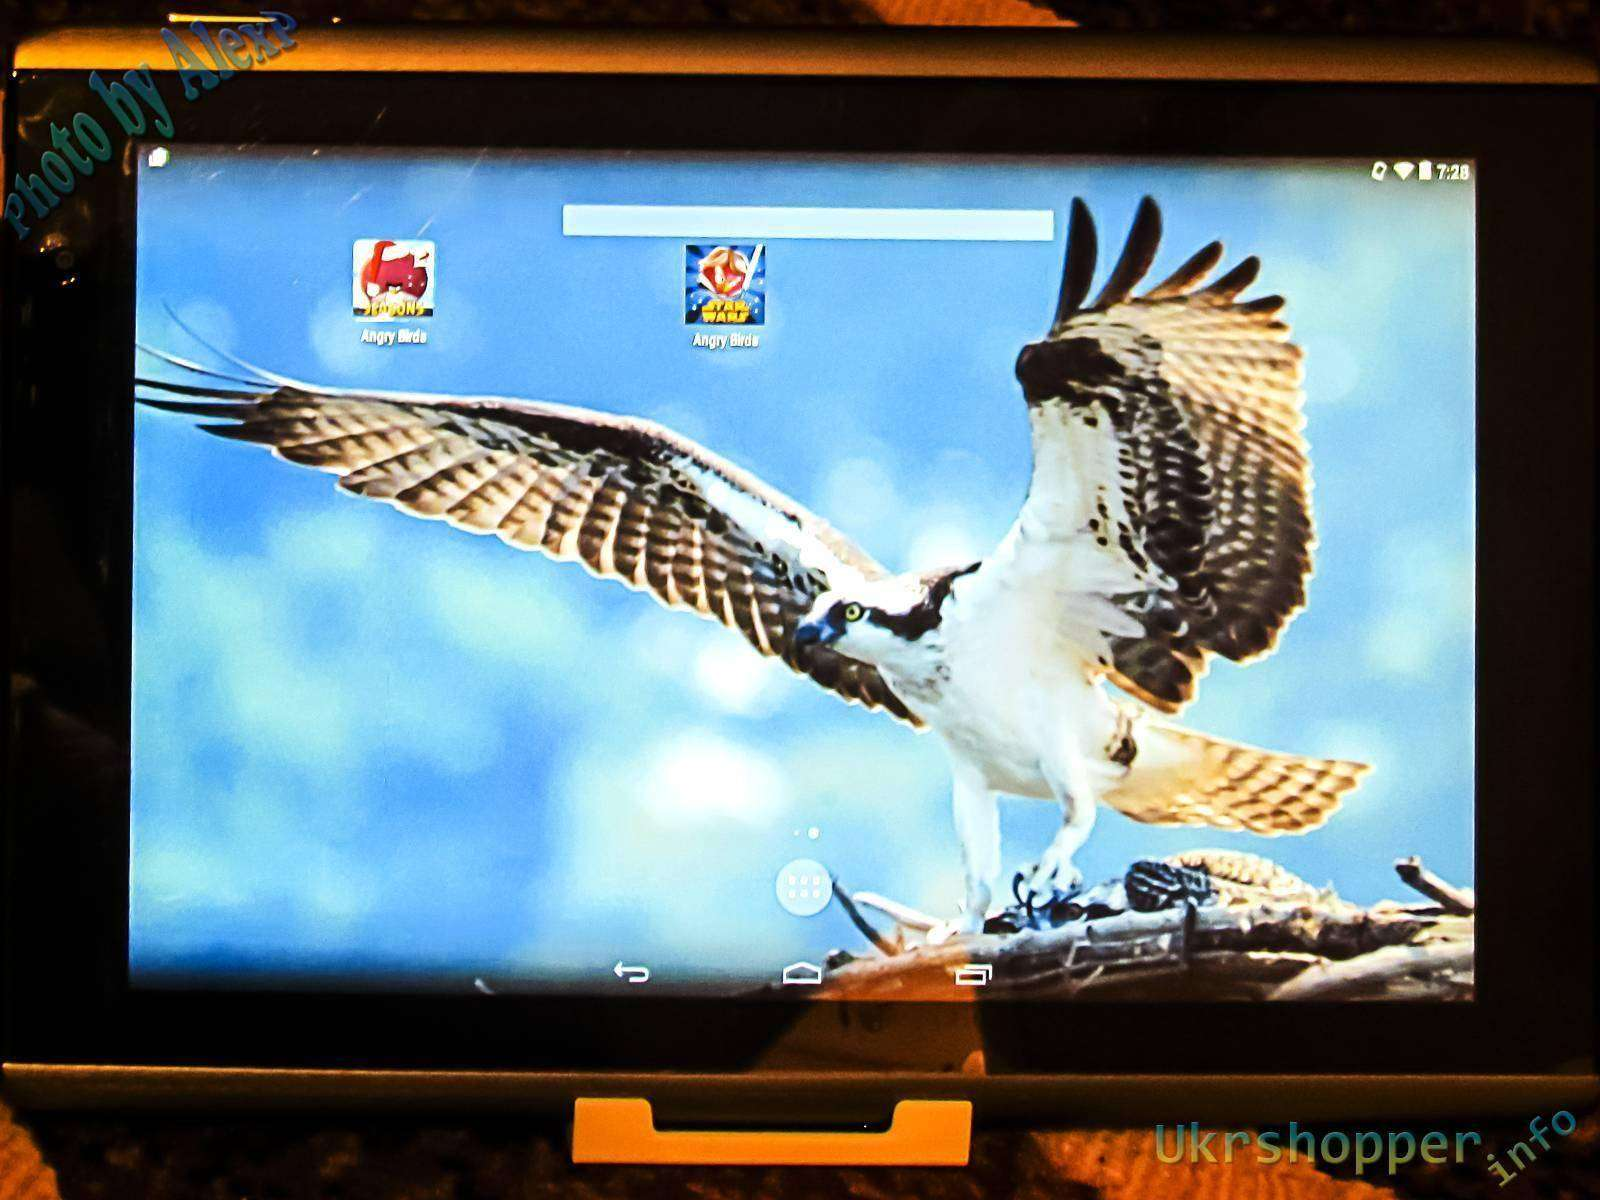 Ebay: Универсальная подставка для телефонов и планшетов, инструментарий обозревателя товара